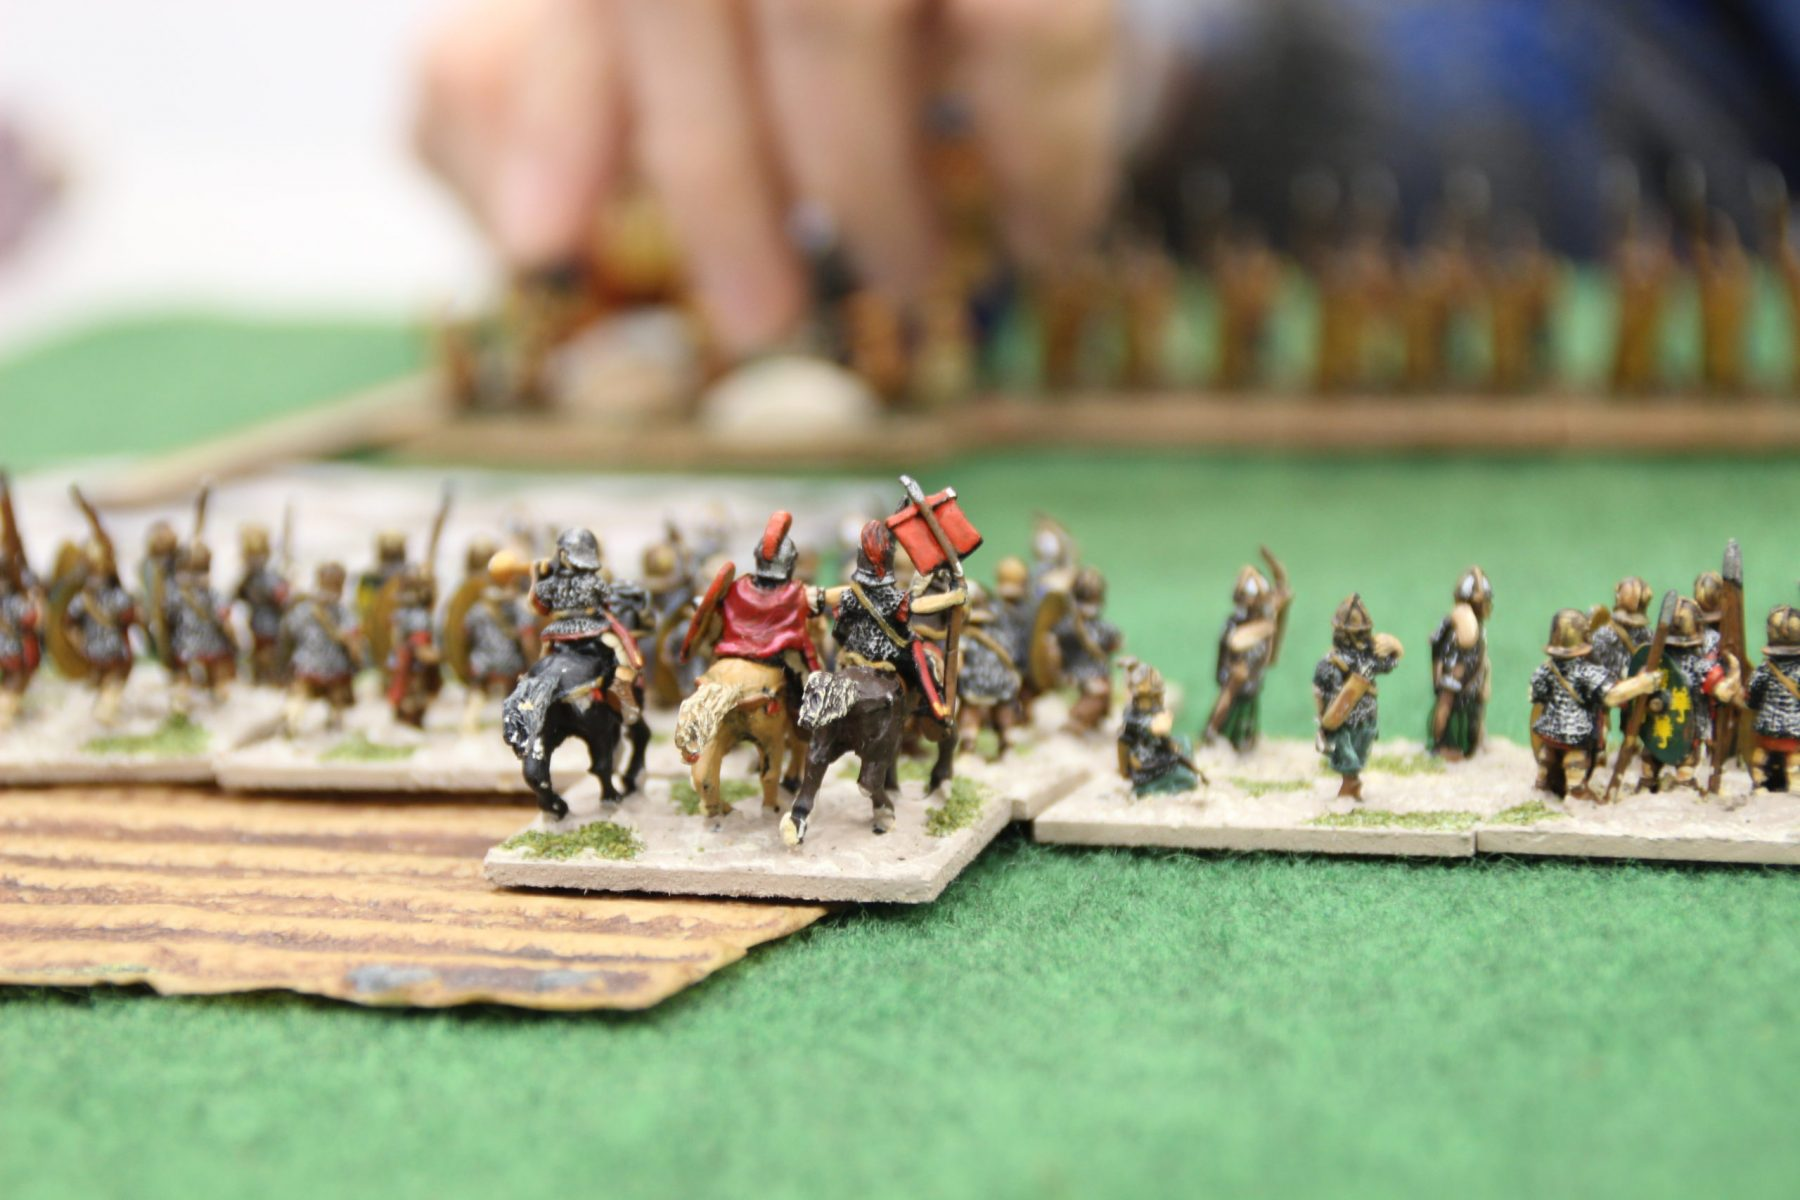 Le général romain du corps d'auxiliaire en train de faire manoeuvrer ses troupes.